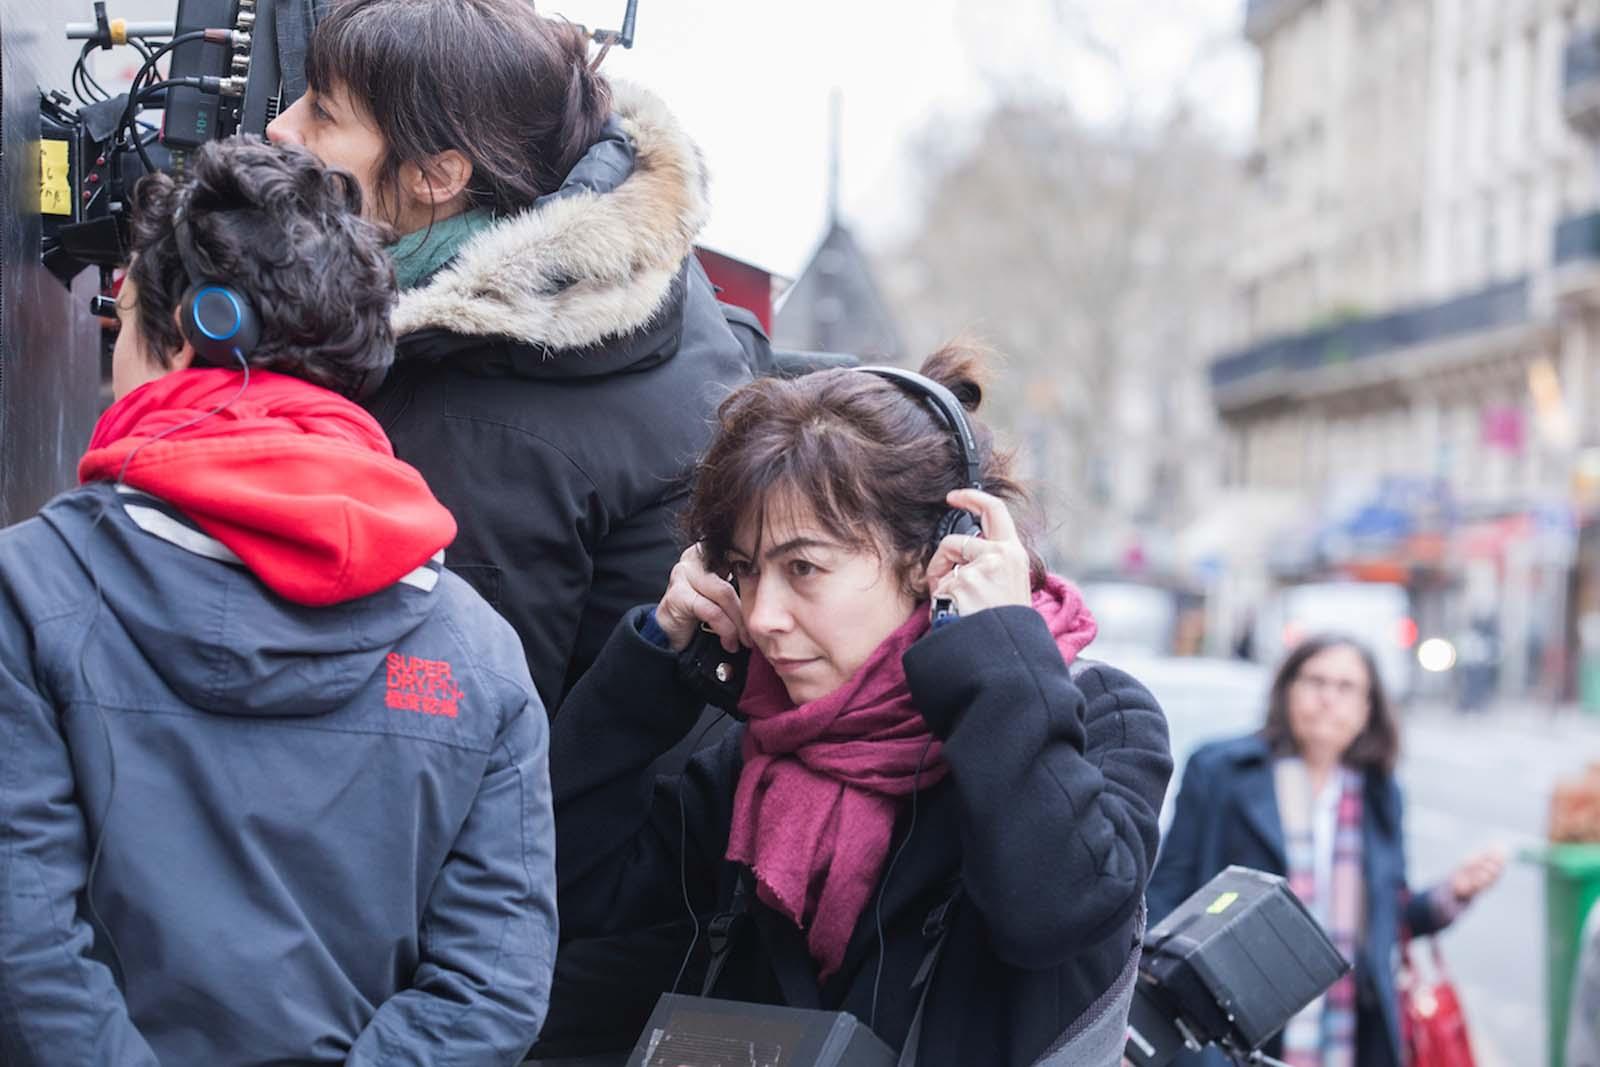 Diretora do filme 'Eu não sou um homem fácil' participa de debate sobre mulheres no cinema